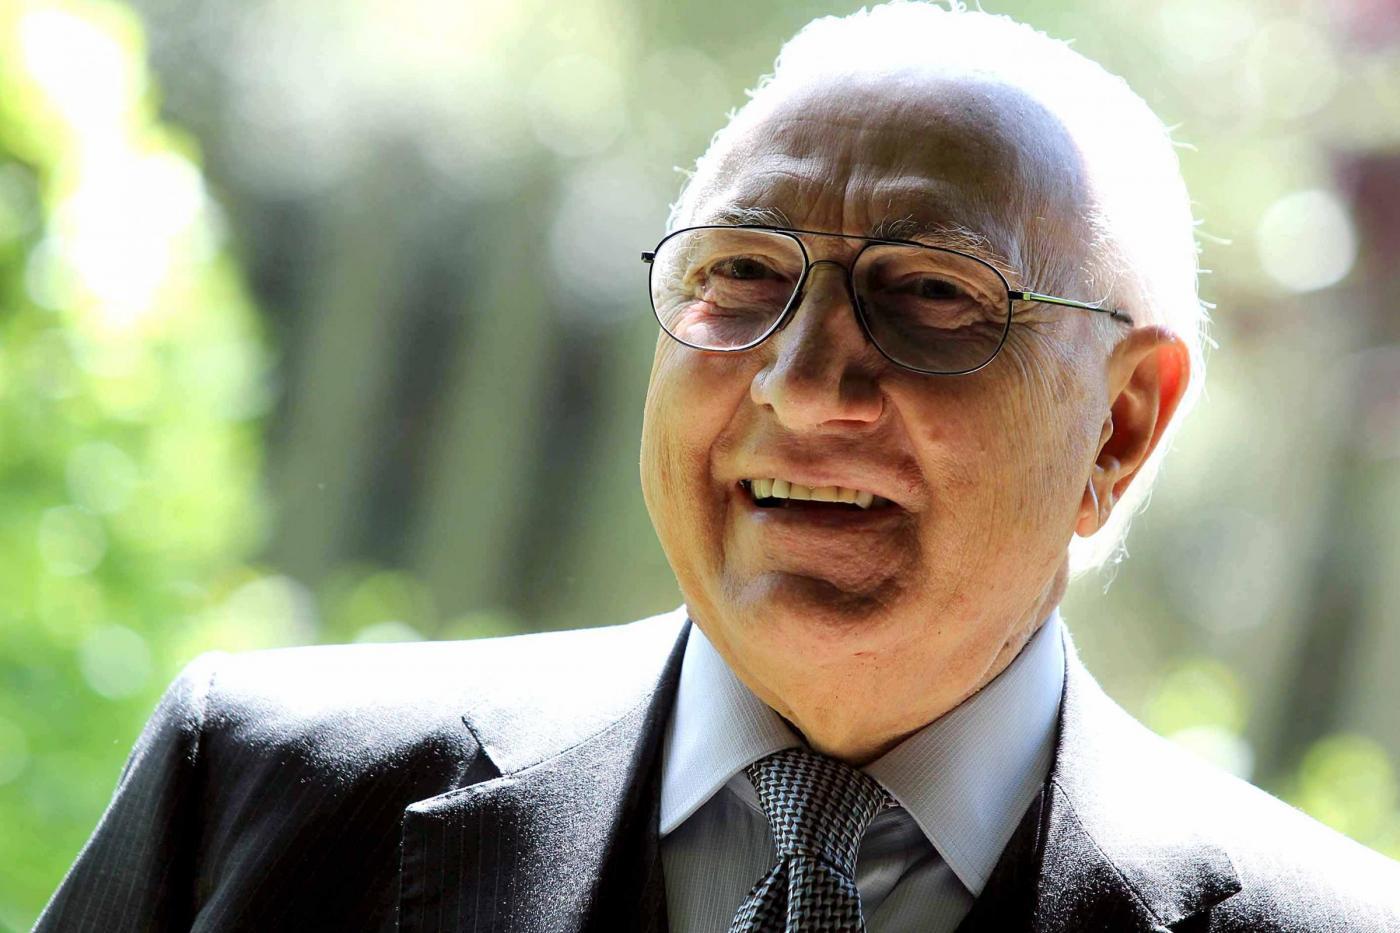 Pippo Baudo compie 80 anni